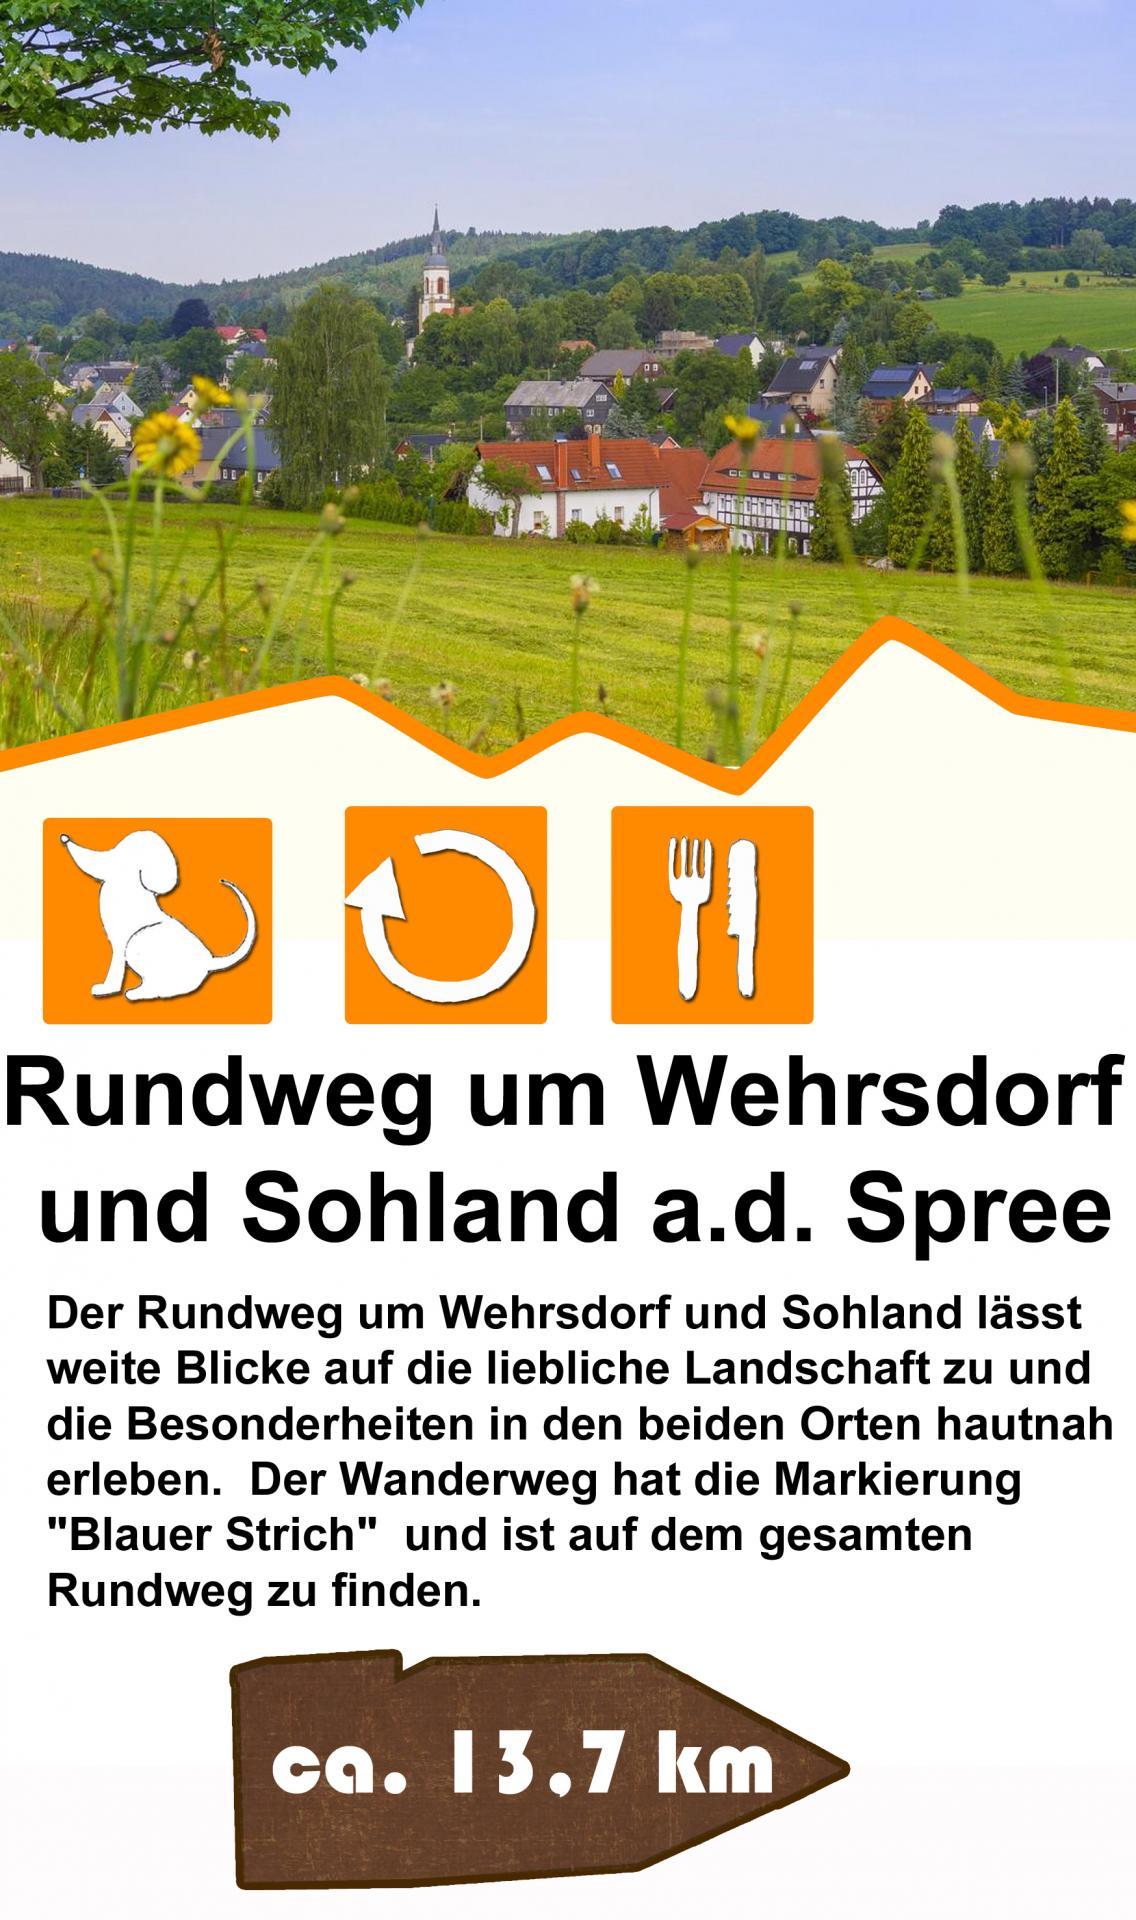 Rundweg um Wehrsdorf und Sohland